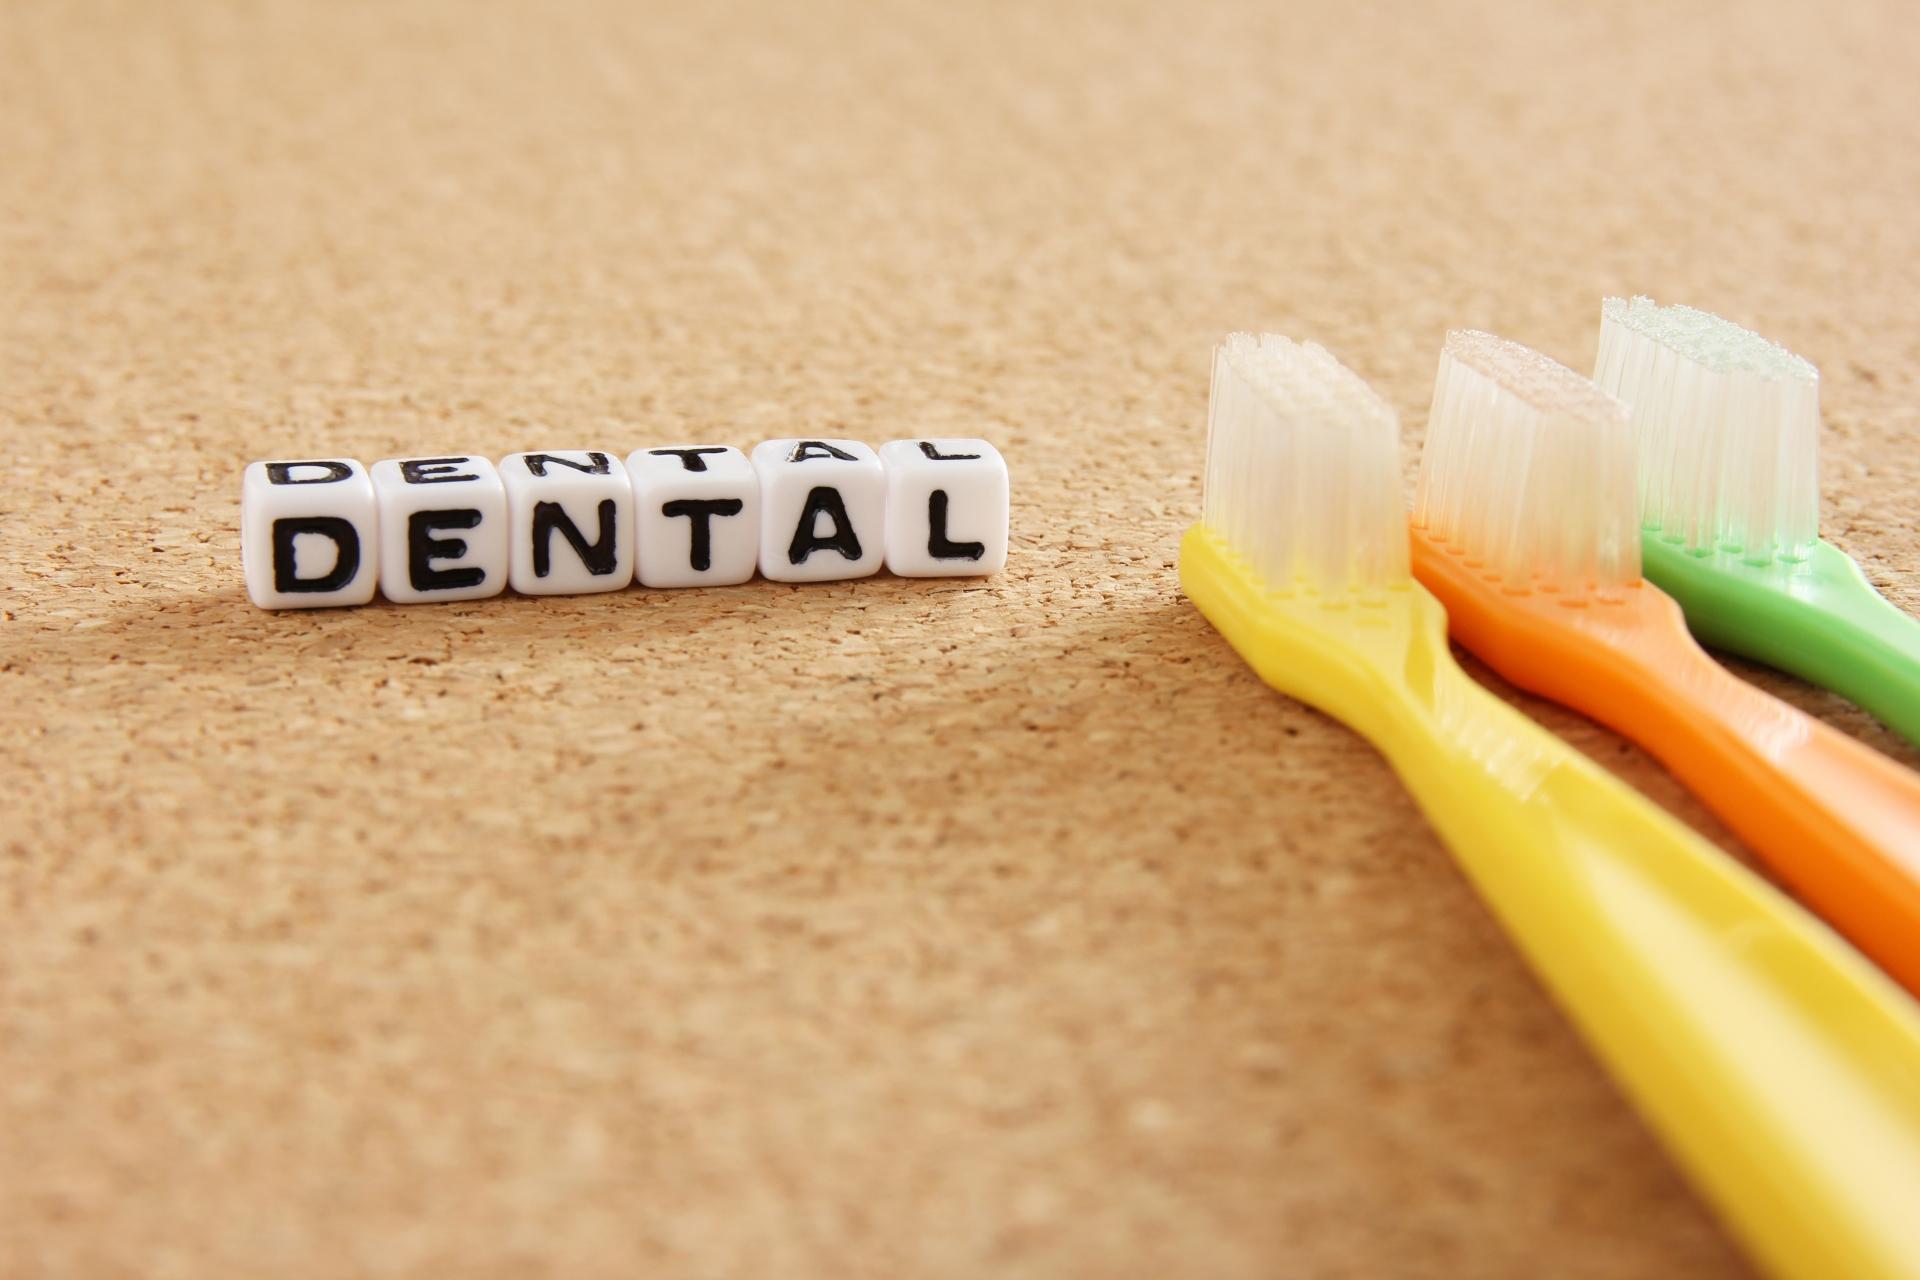 ブランディングが重要!流行る歯科医院のデザイン